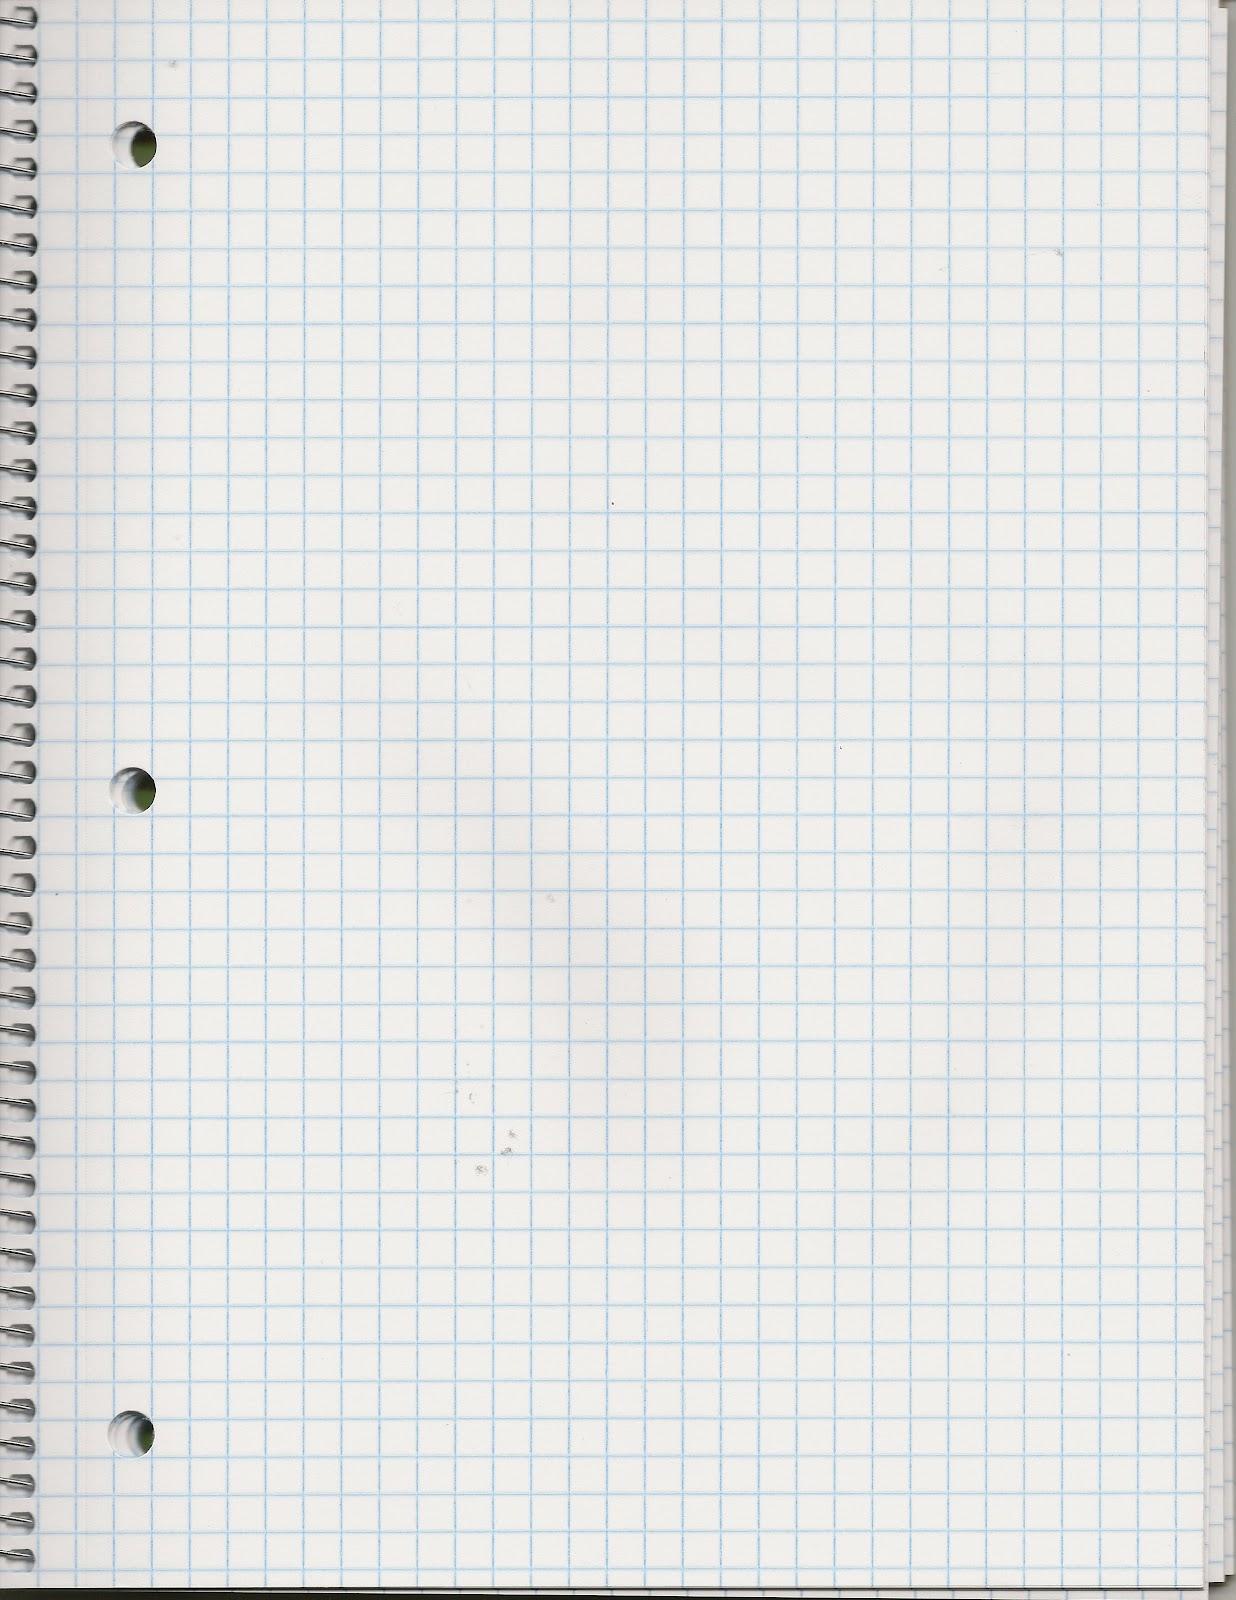 Vrijmoet's Math: Graph Paper